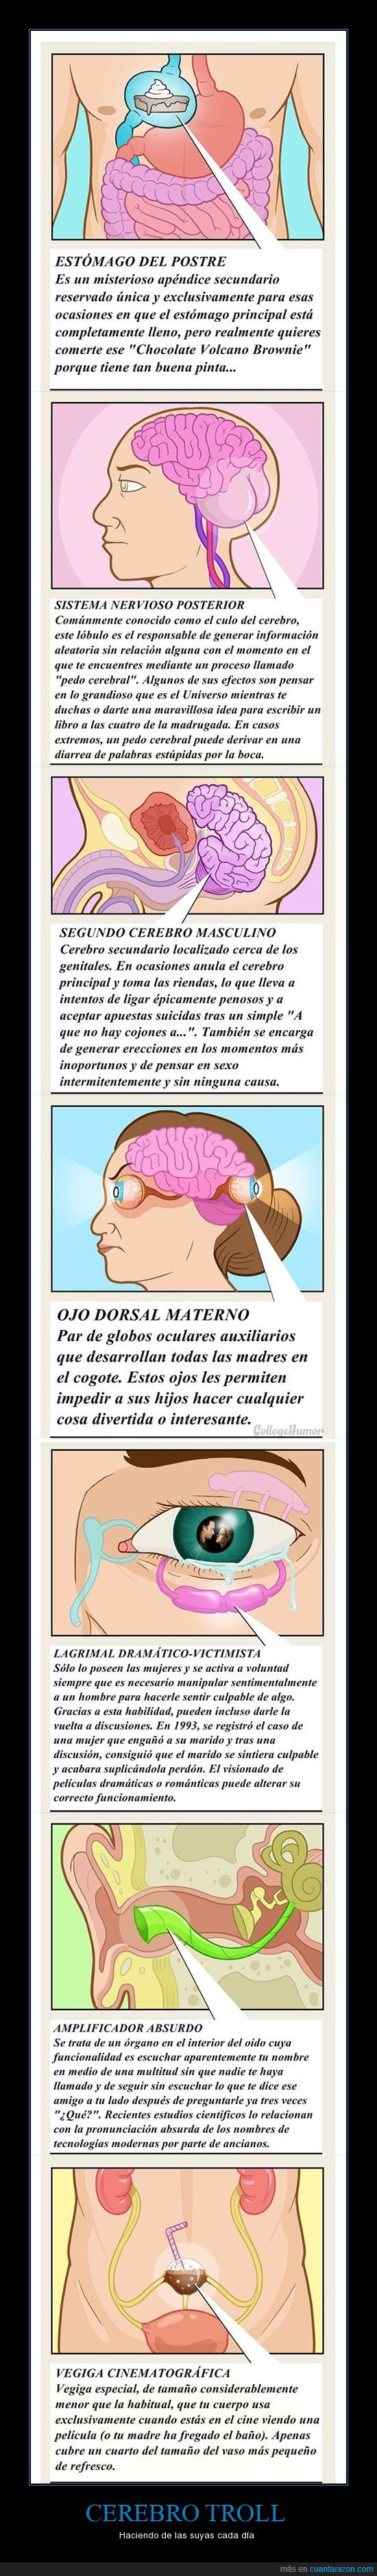 cerebro,estómago del postre,gracioso,ojo dorsal materno,segundo cerebro masculino,sistema nervioso posterior,troll